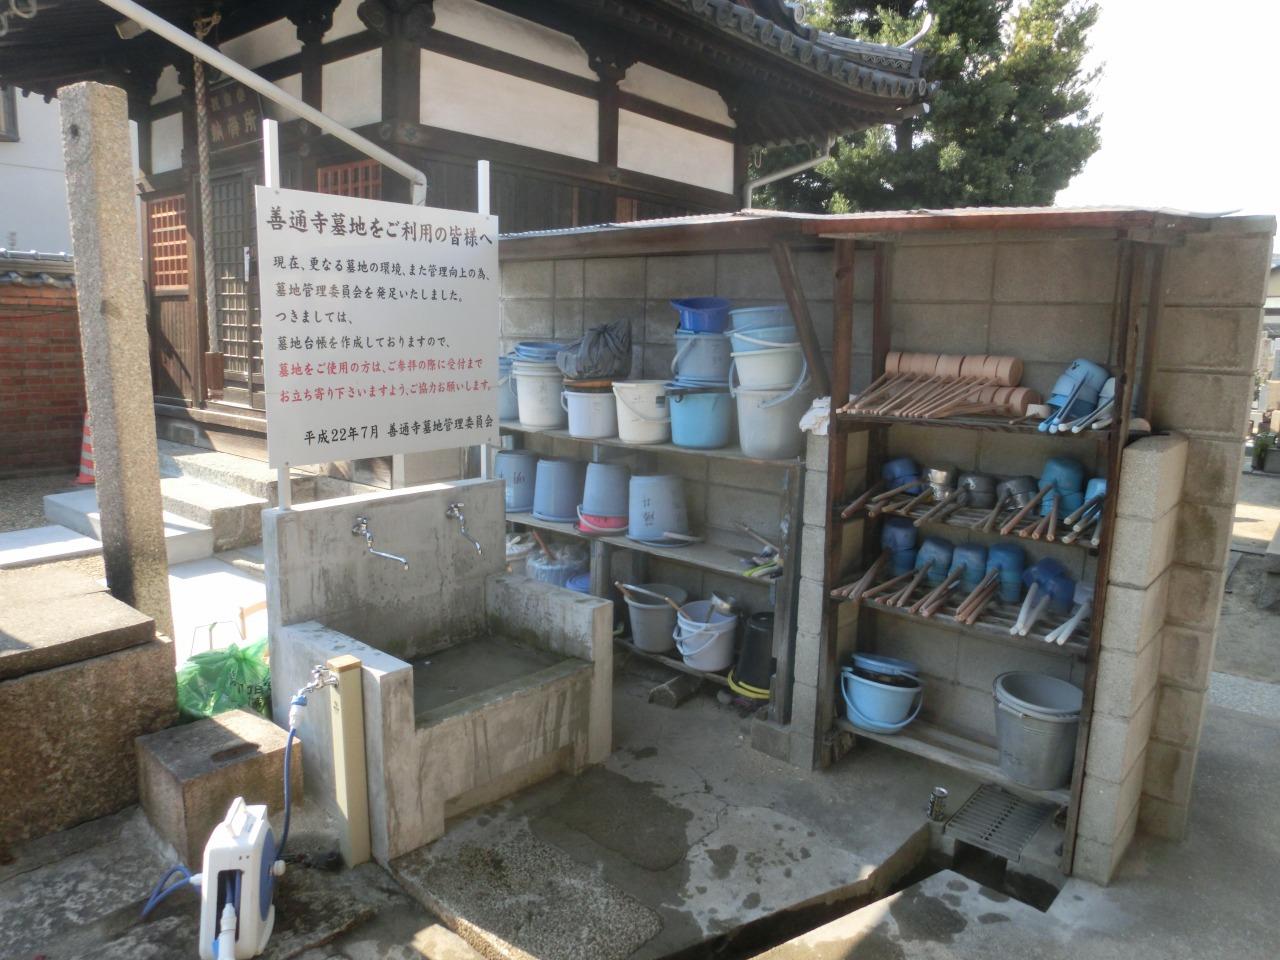 善通寺境内墓地(尼崎市)のバケツ置き場